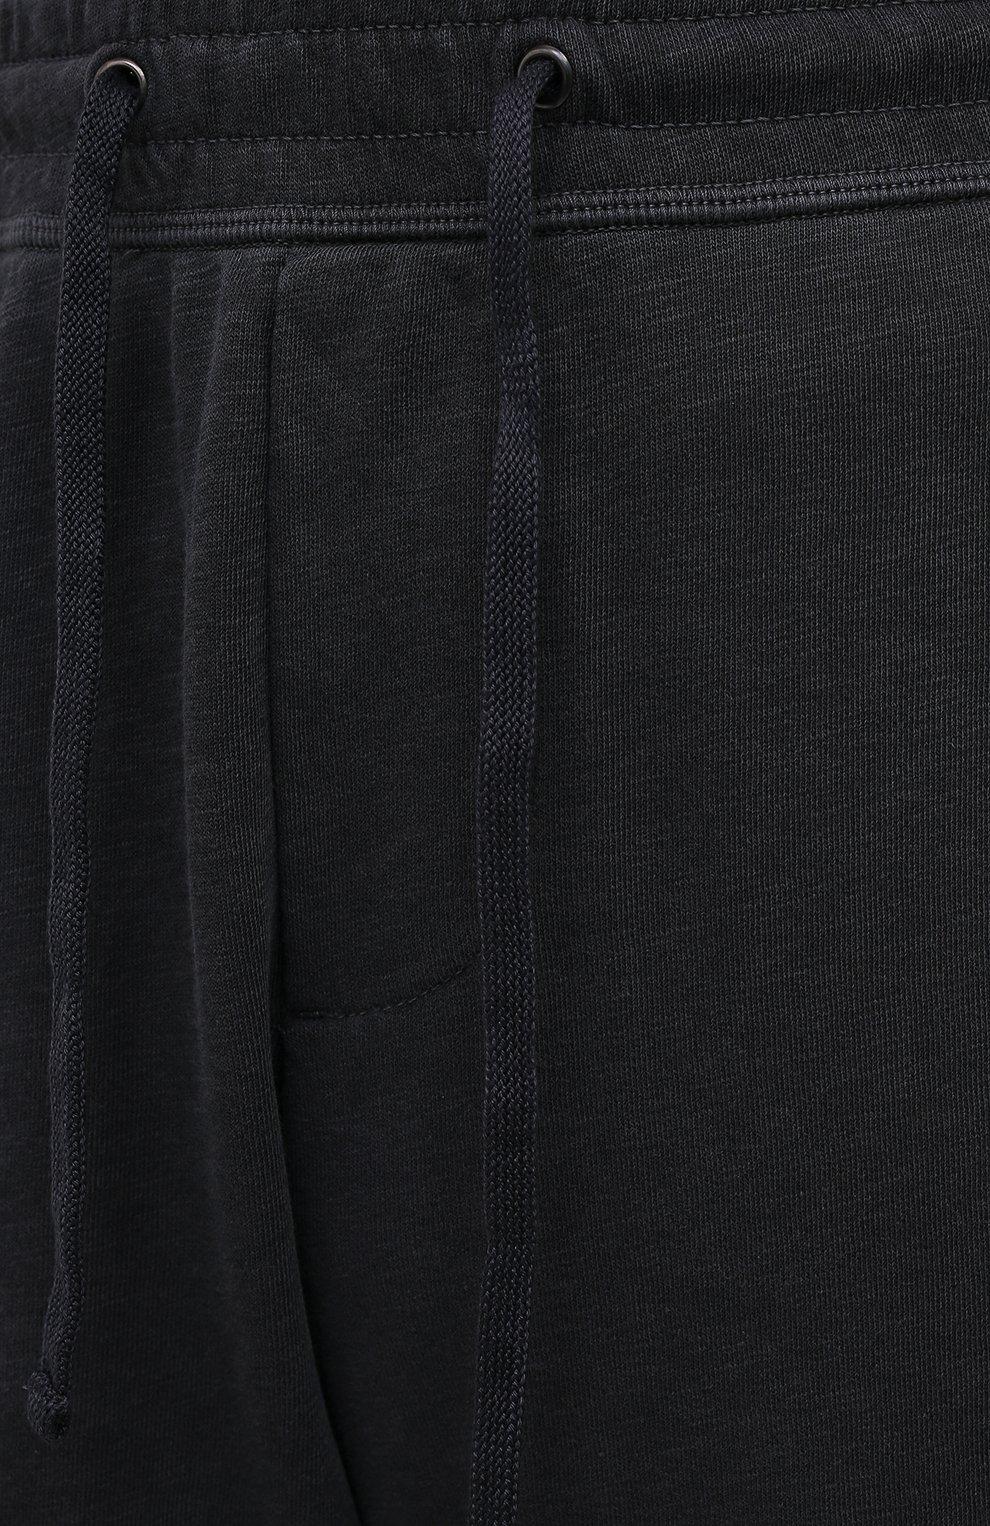 Мужские хлопковые шорты JAMES PERSE темно-серого цвета, арт. MXA4118 | Фото 5 (Принт: Без принта; Длина Шорты М: Ниже колена; Кросс-КТ: Трикотаж; Материал внешний: Хлопок; Стили: Спорт-шик)